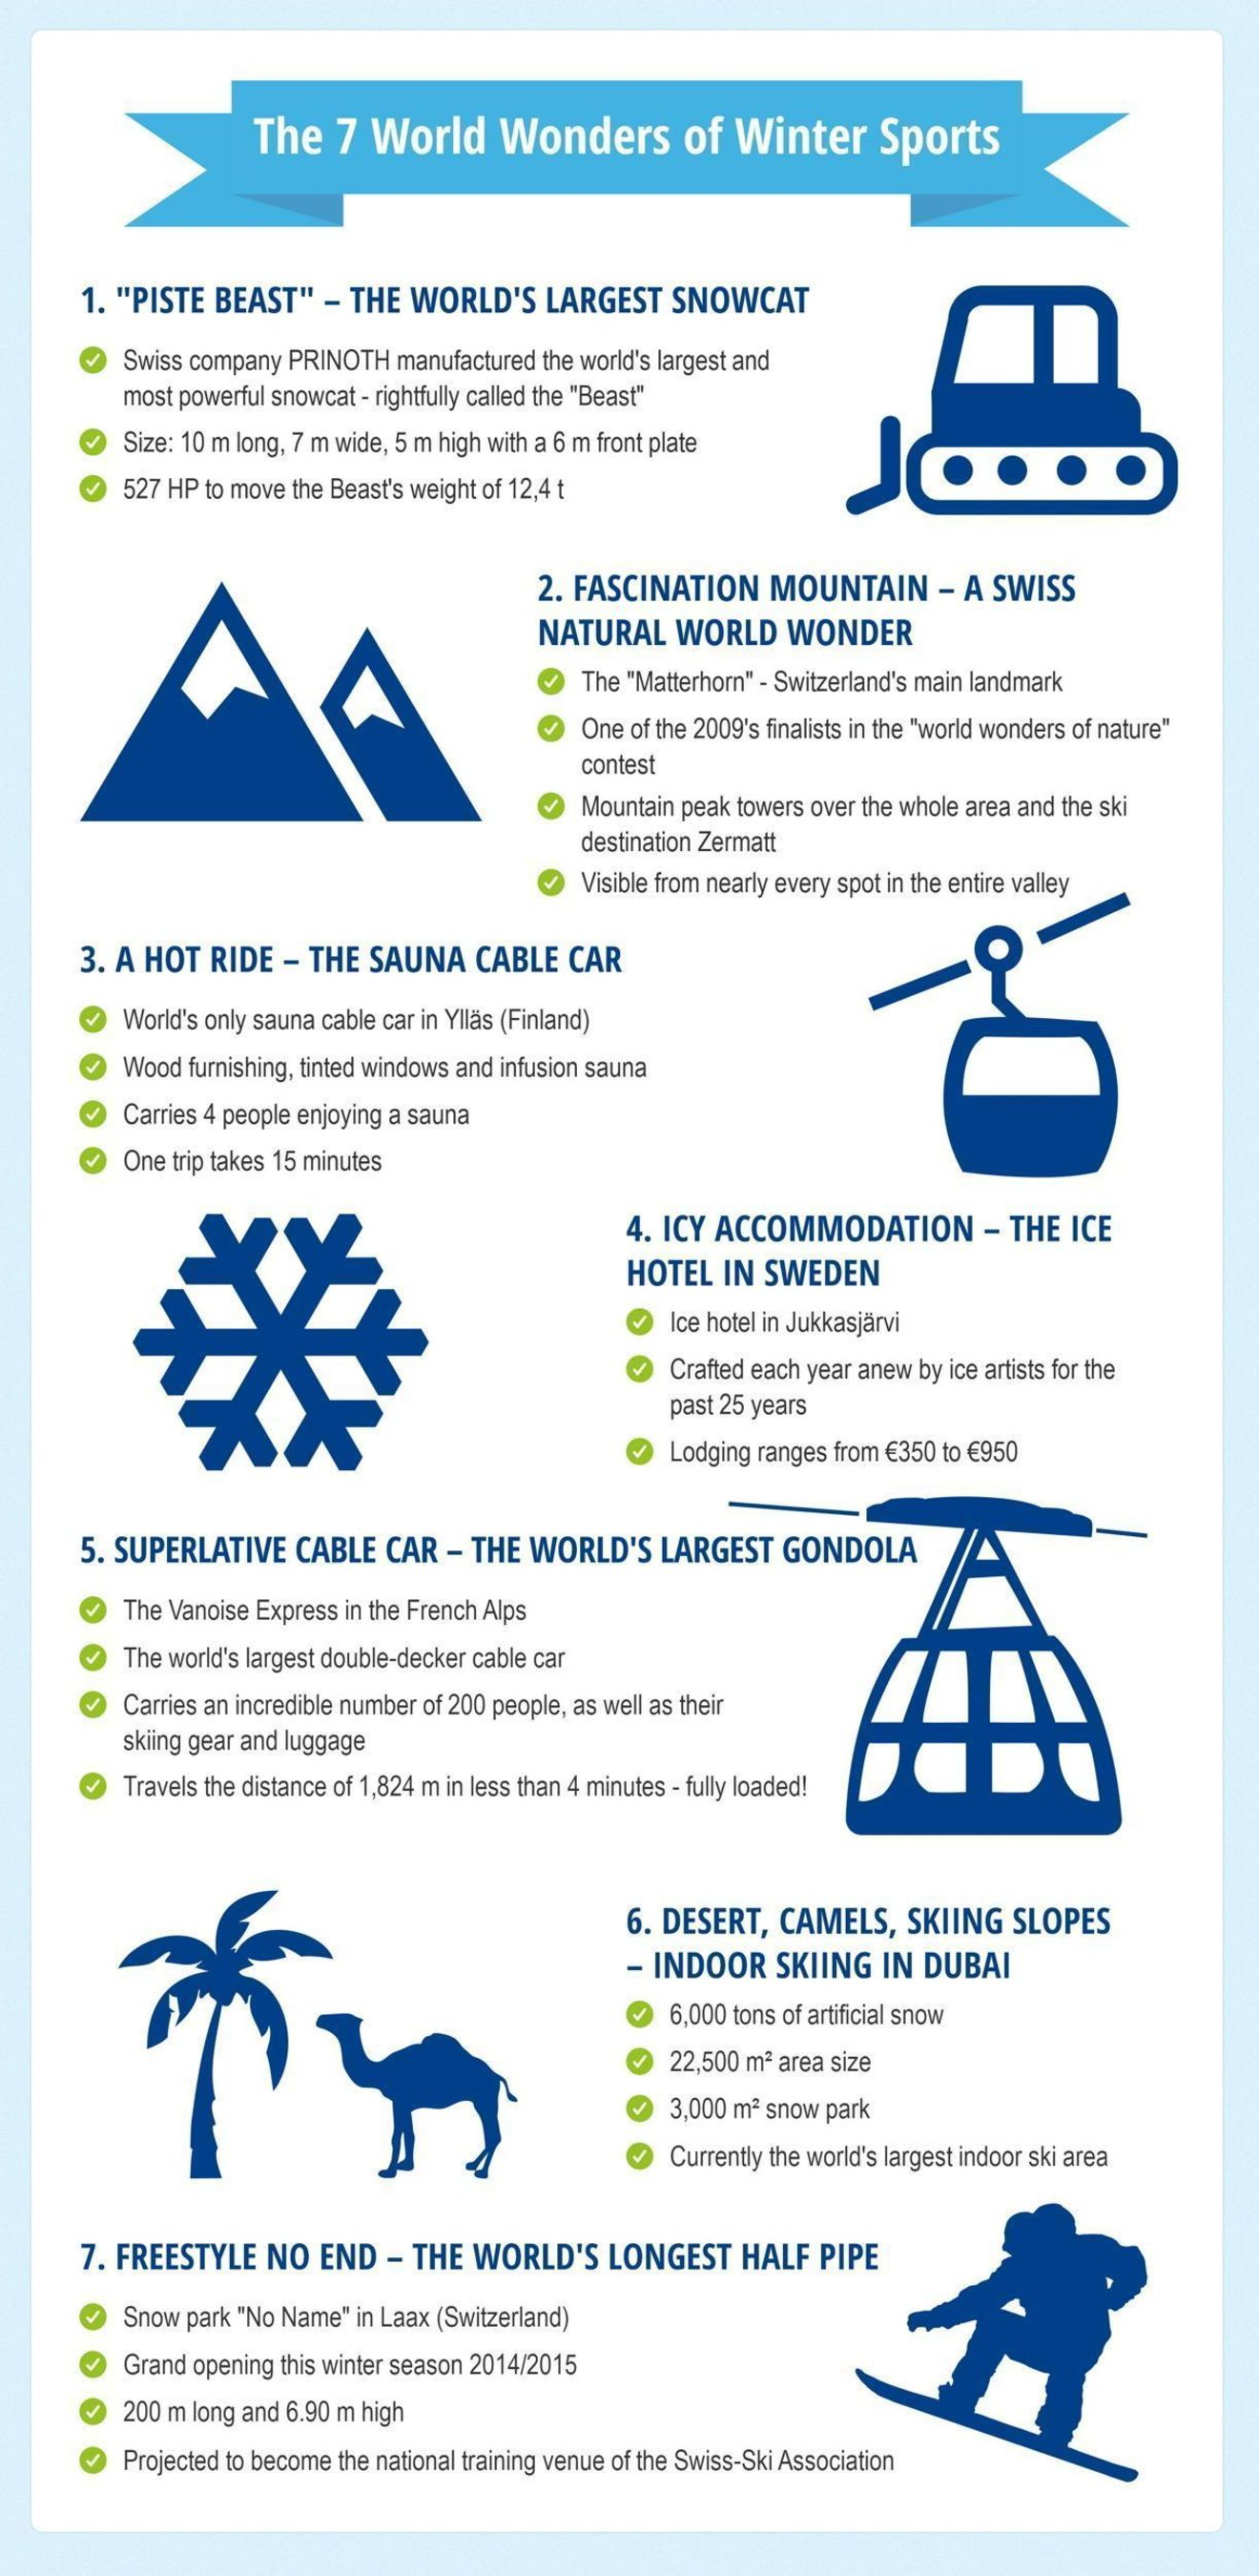 Gigantesco! Le 7 meraviglie del mondo dello sci